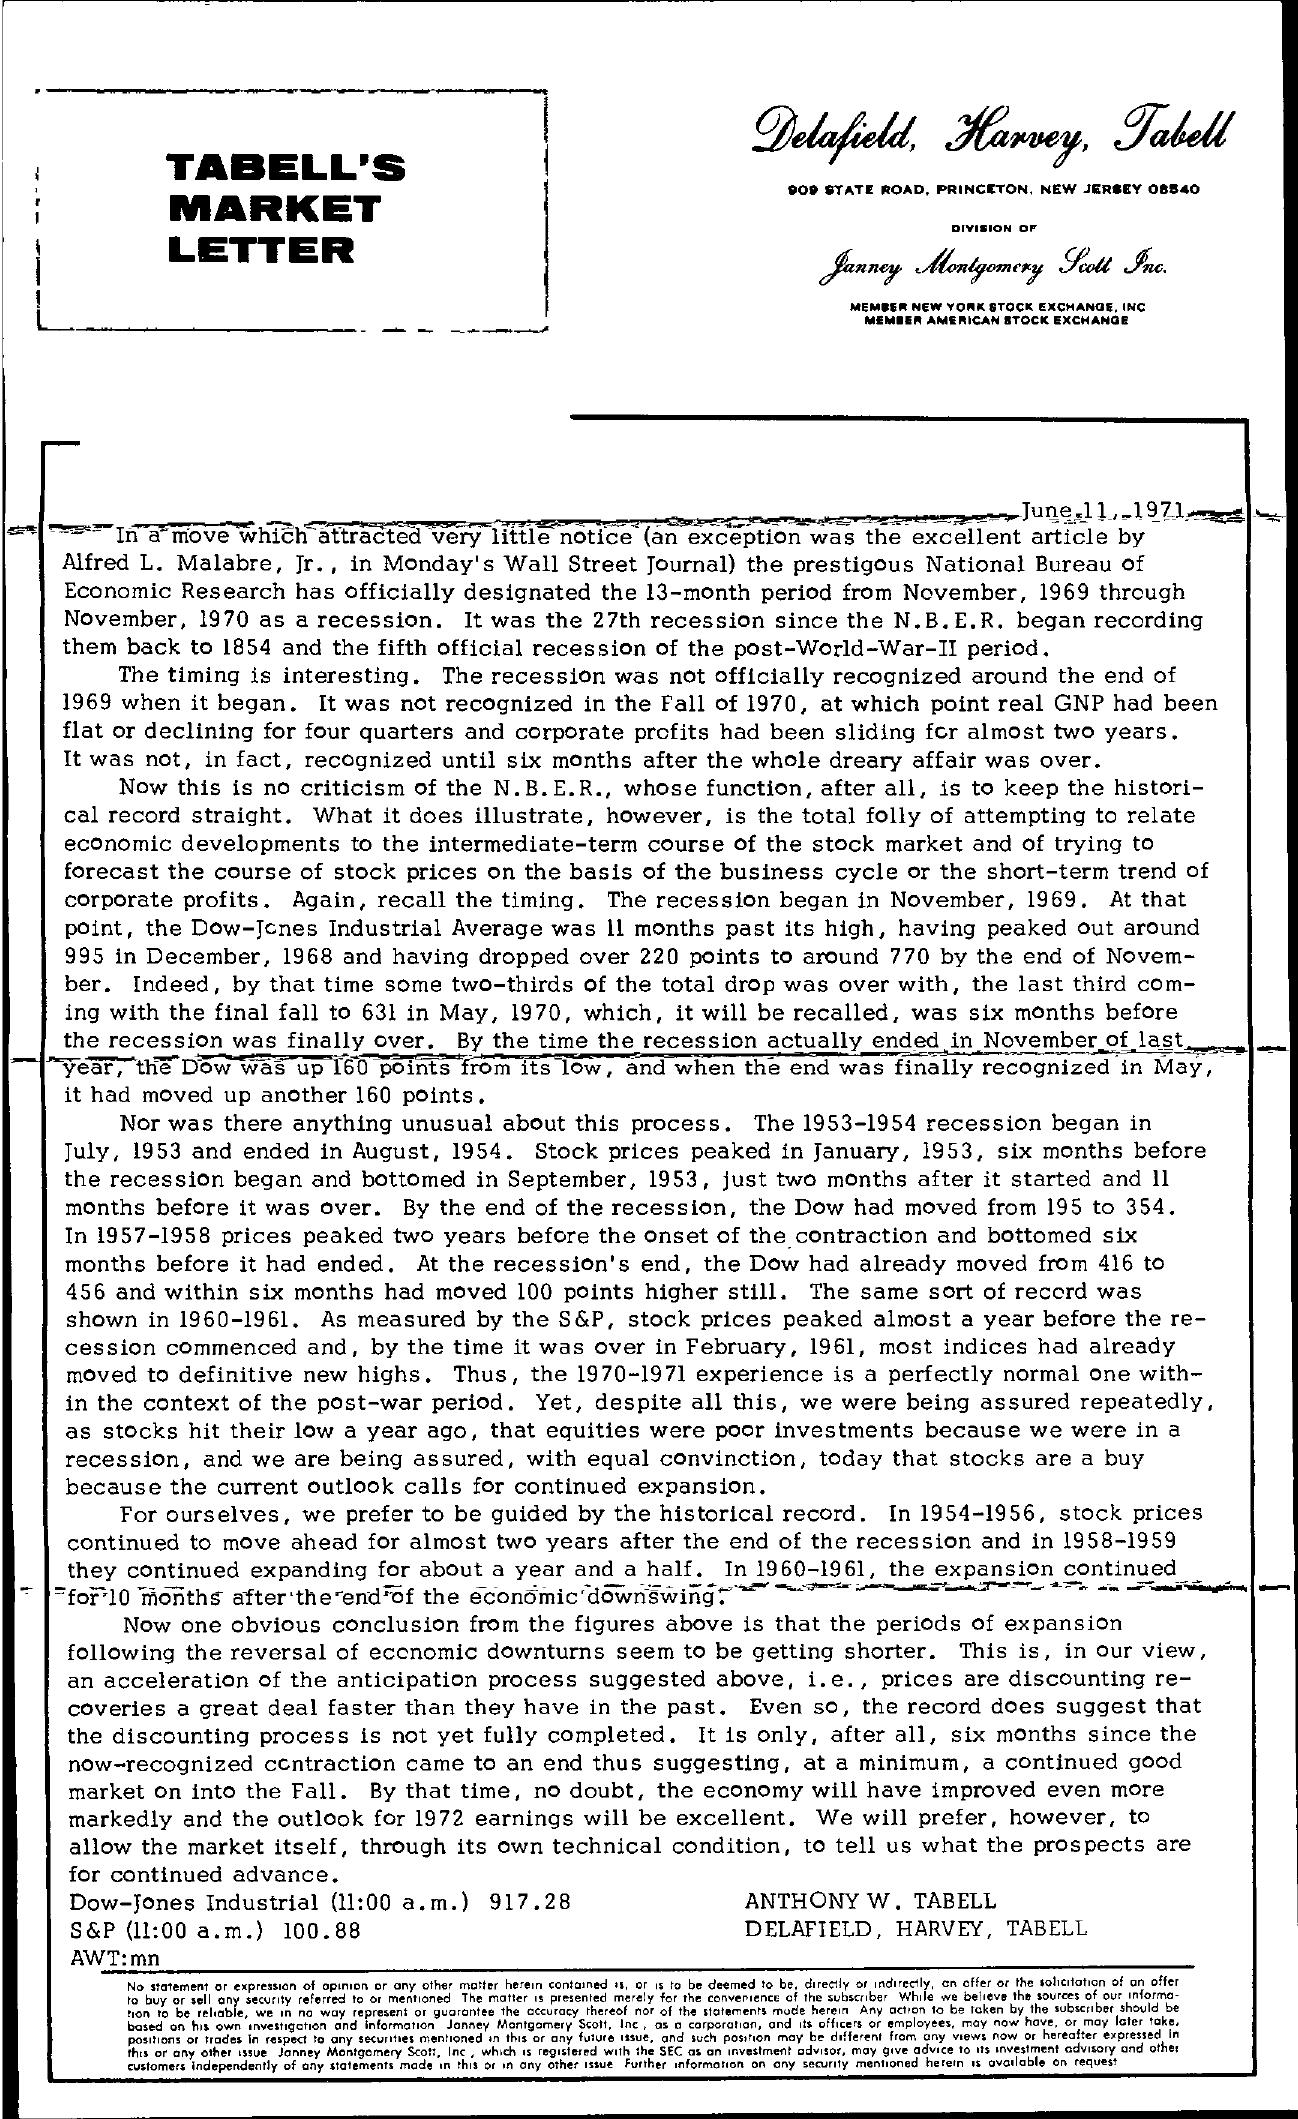 Tabell's Market Letter - June 11, 1971